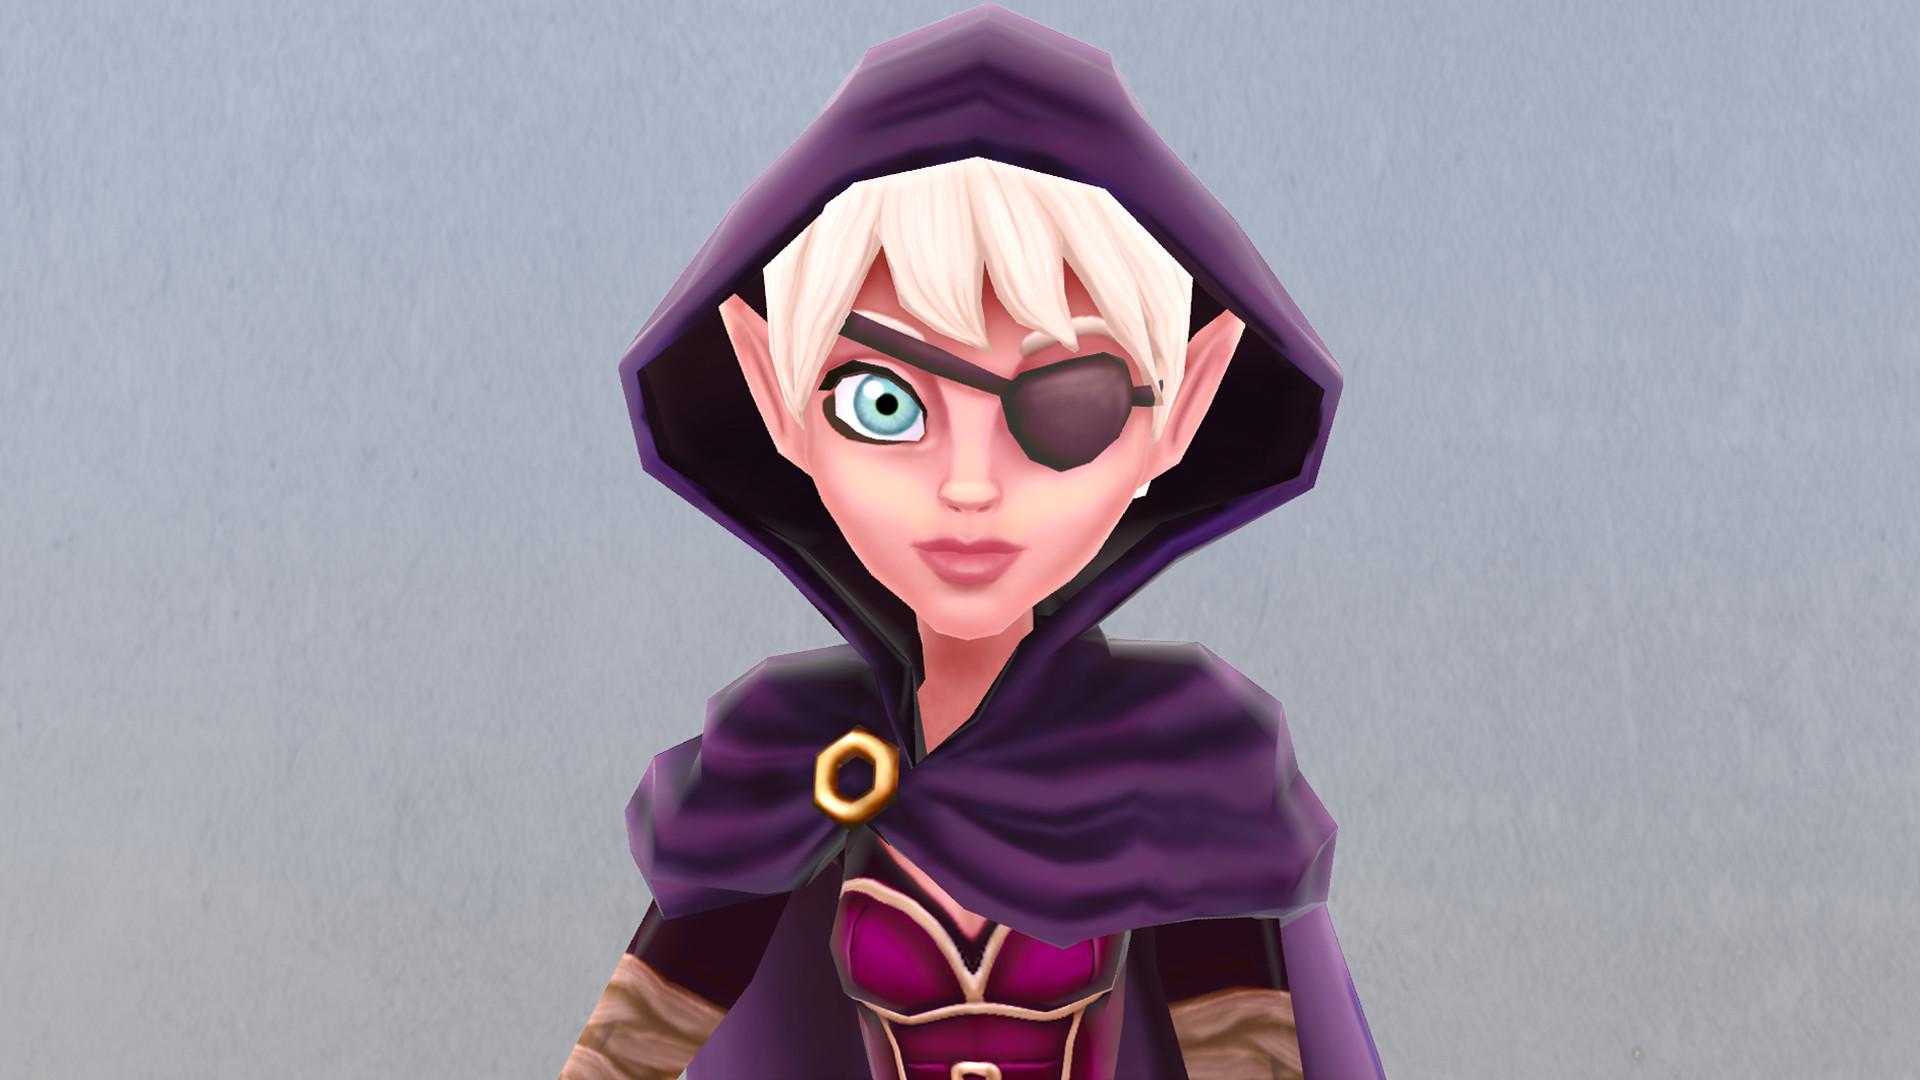 Lara bendoris rogue2